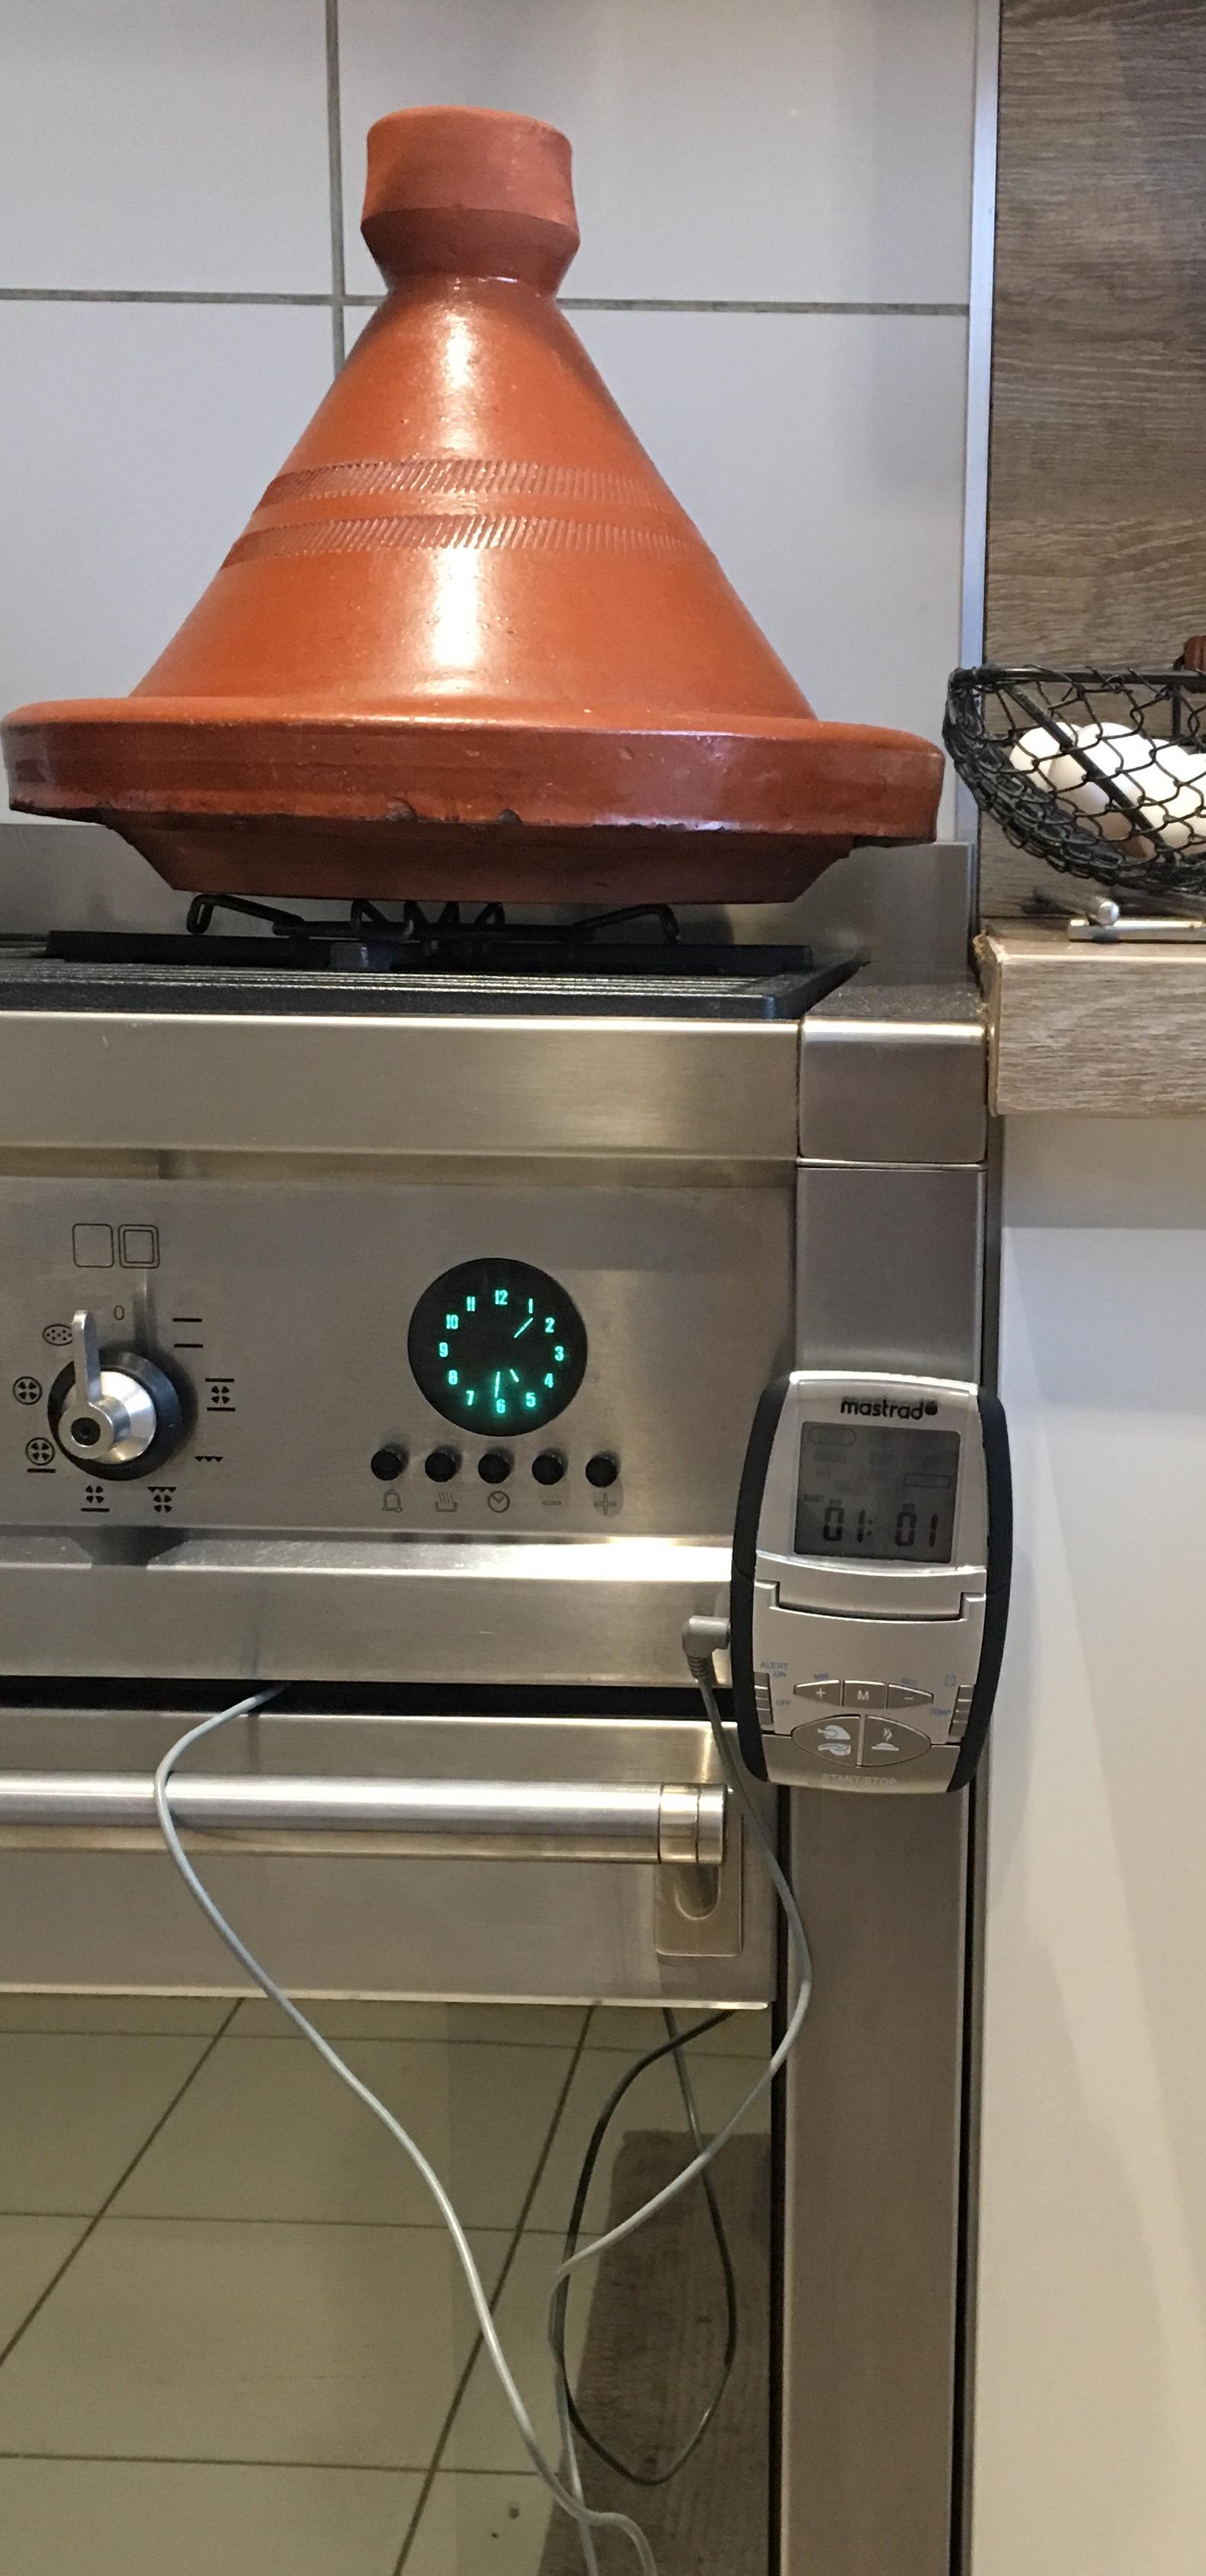 J'ai testé pour vous thermo-sonde de cuisson Mastrad